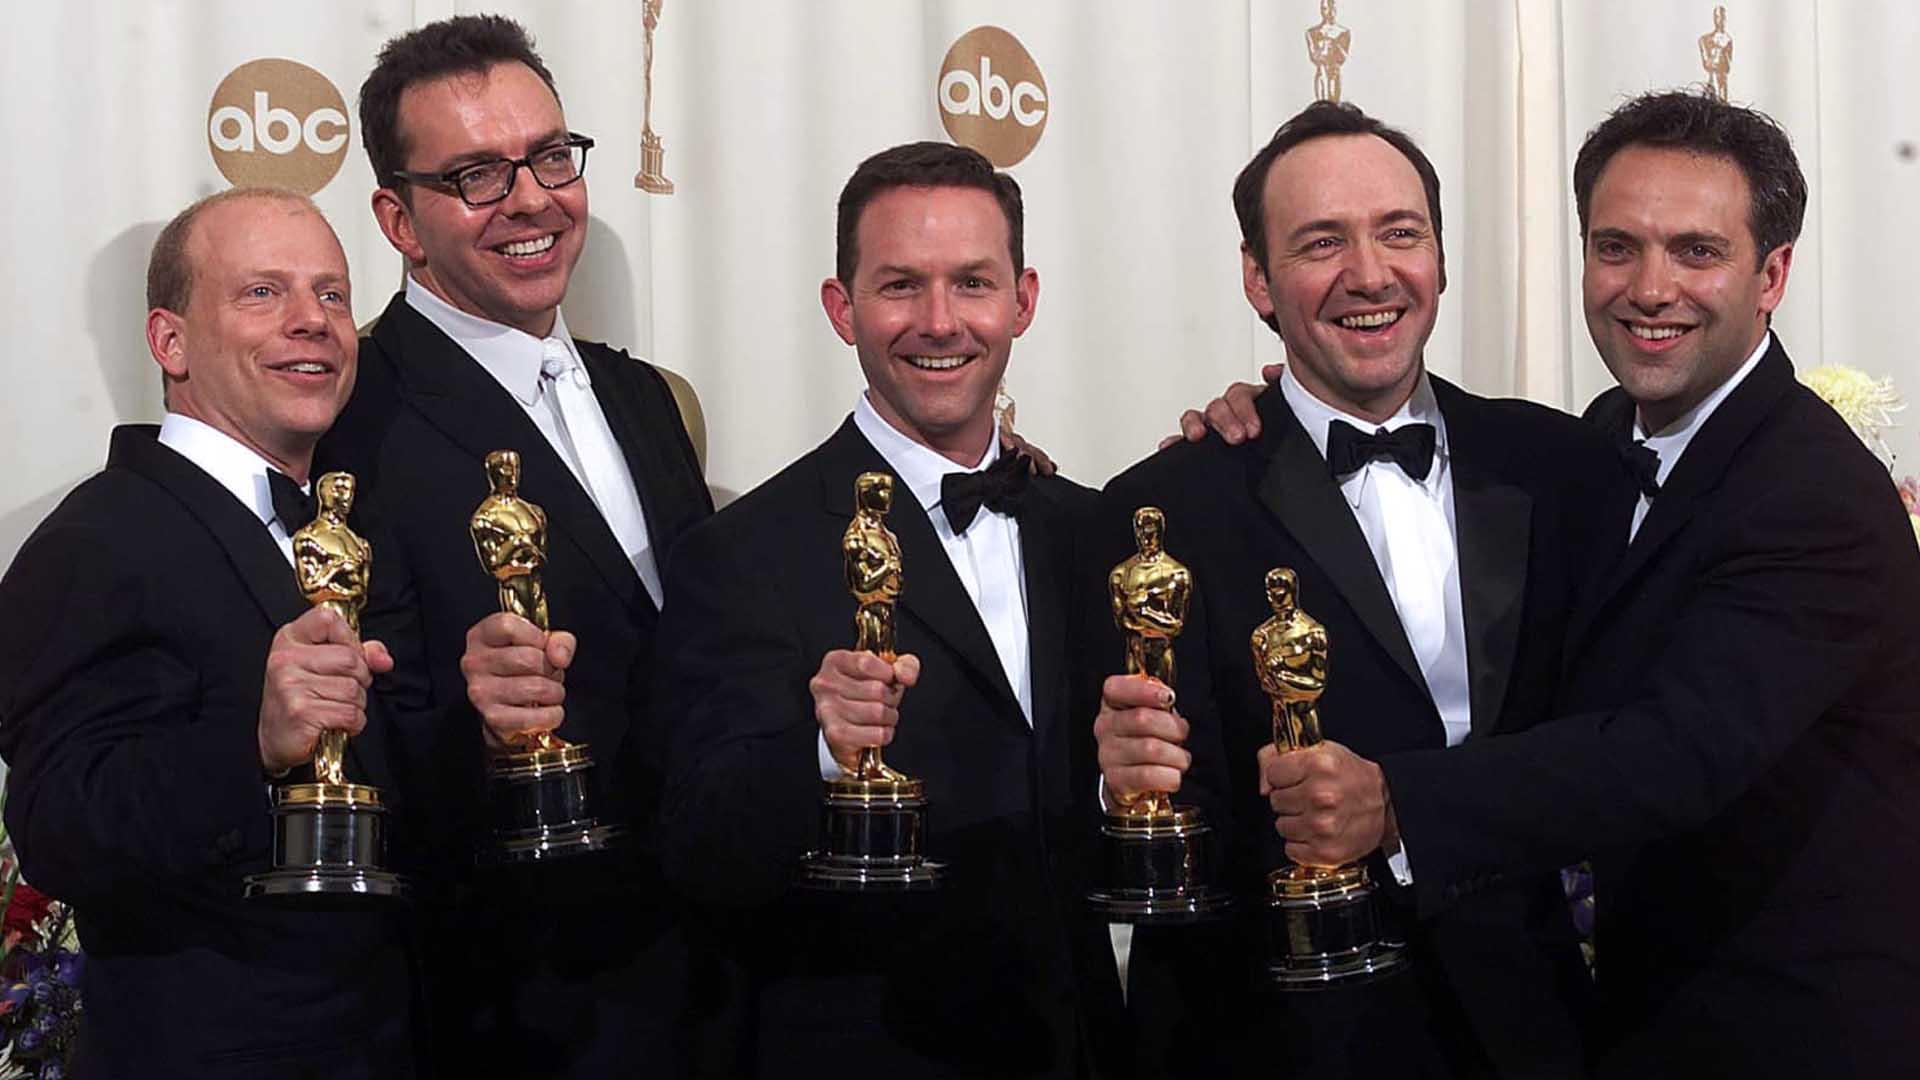 Donne, LGBT, minoranze etniche. I nuovi requisiti obbligatori per vincere un Oscar